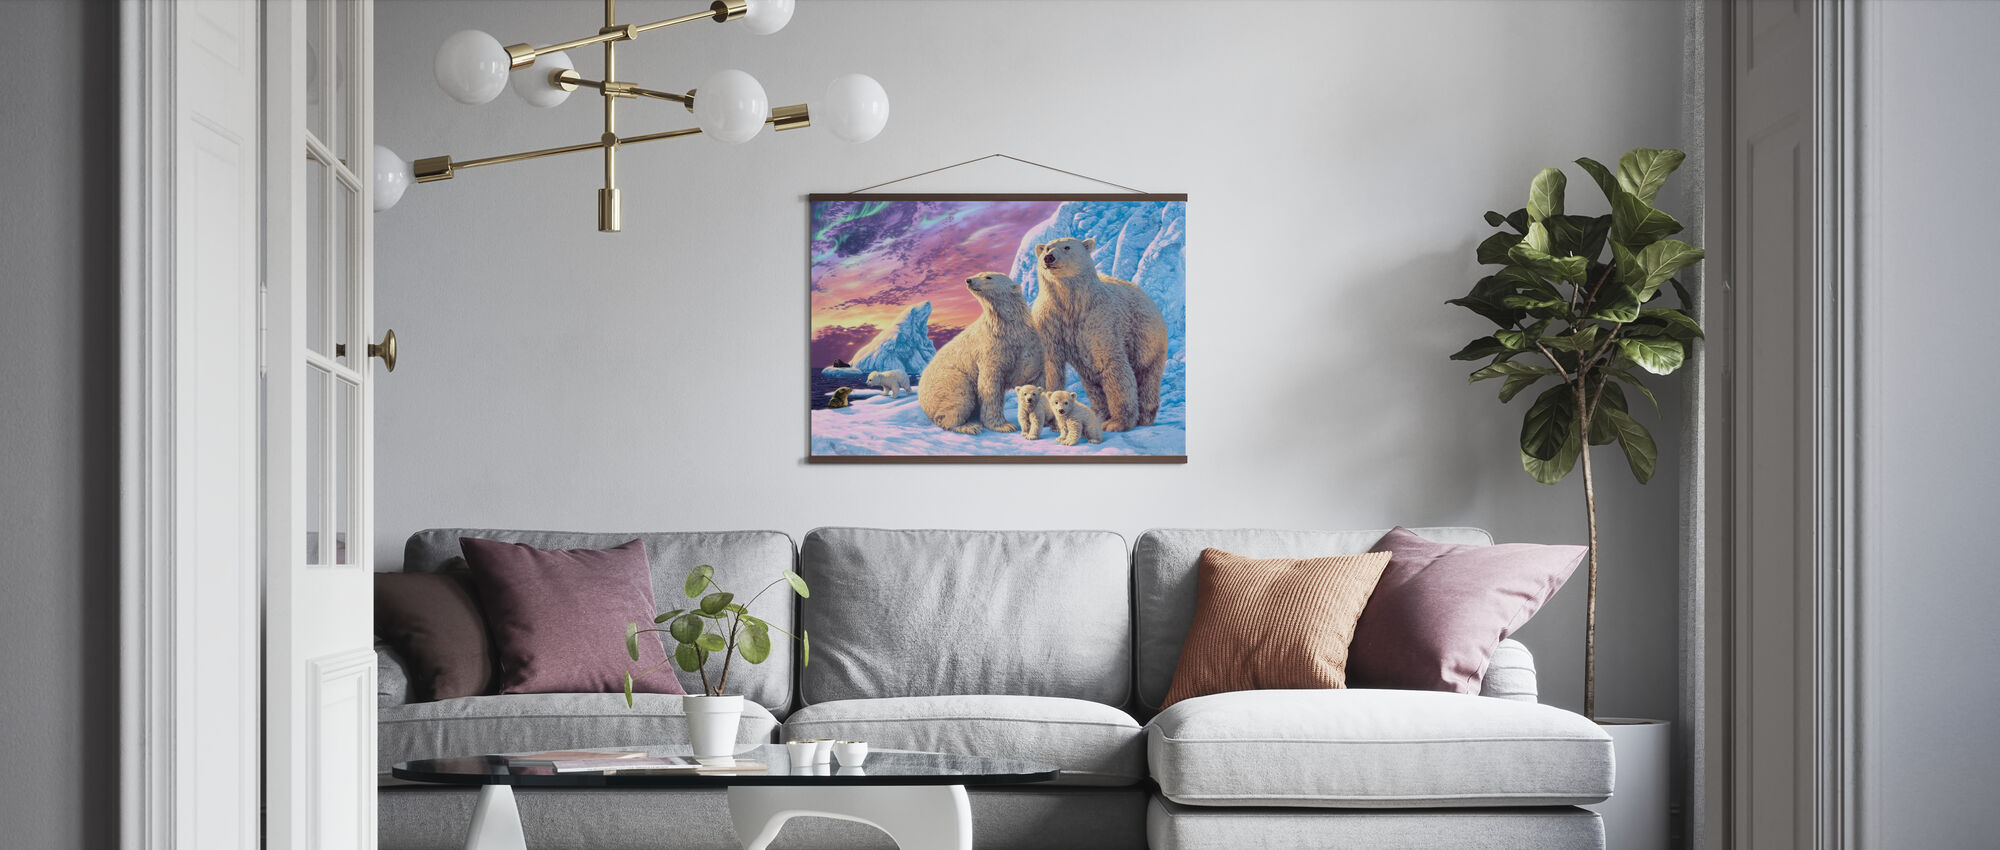 Polar Bears - Poster - Living Room